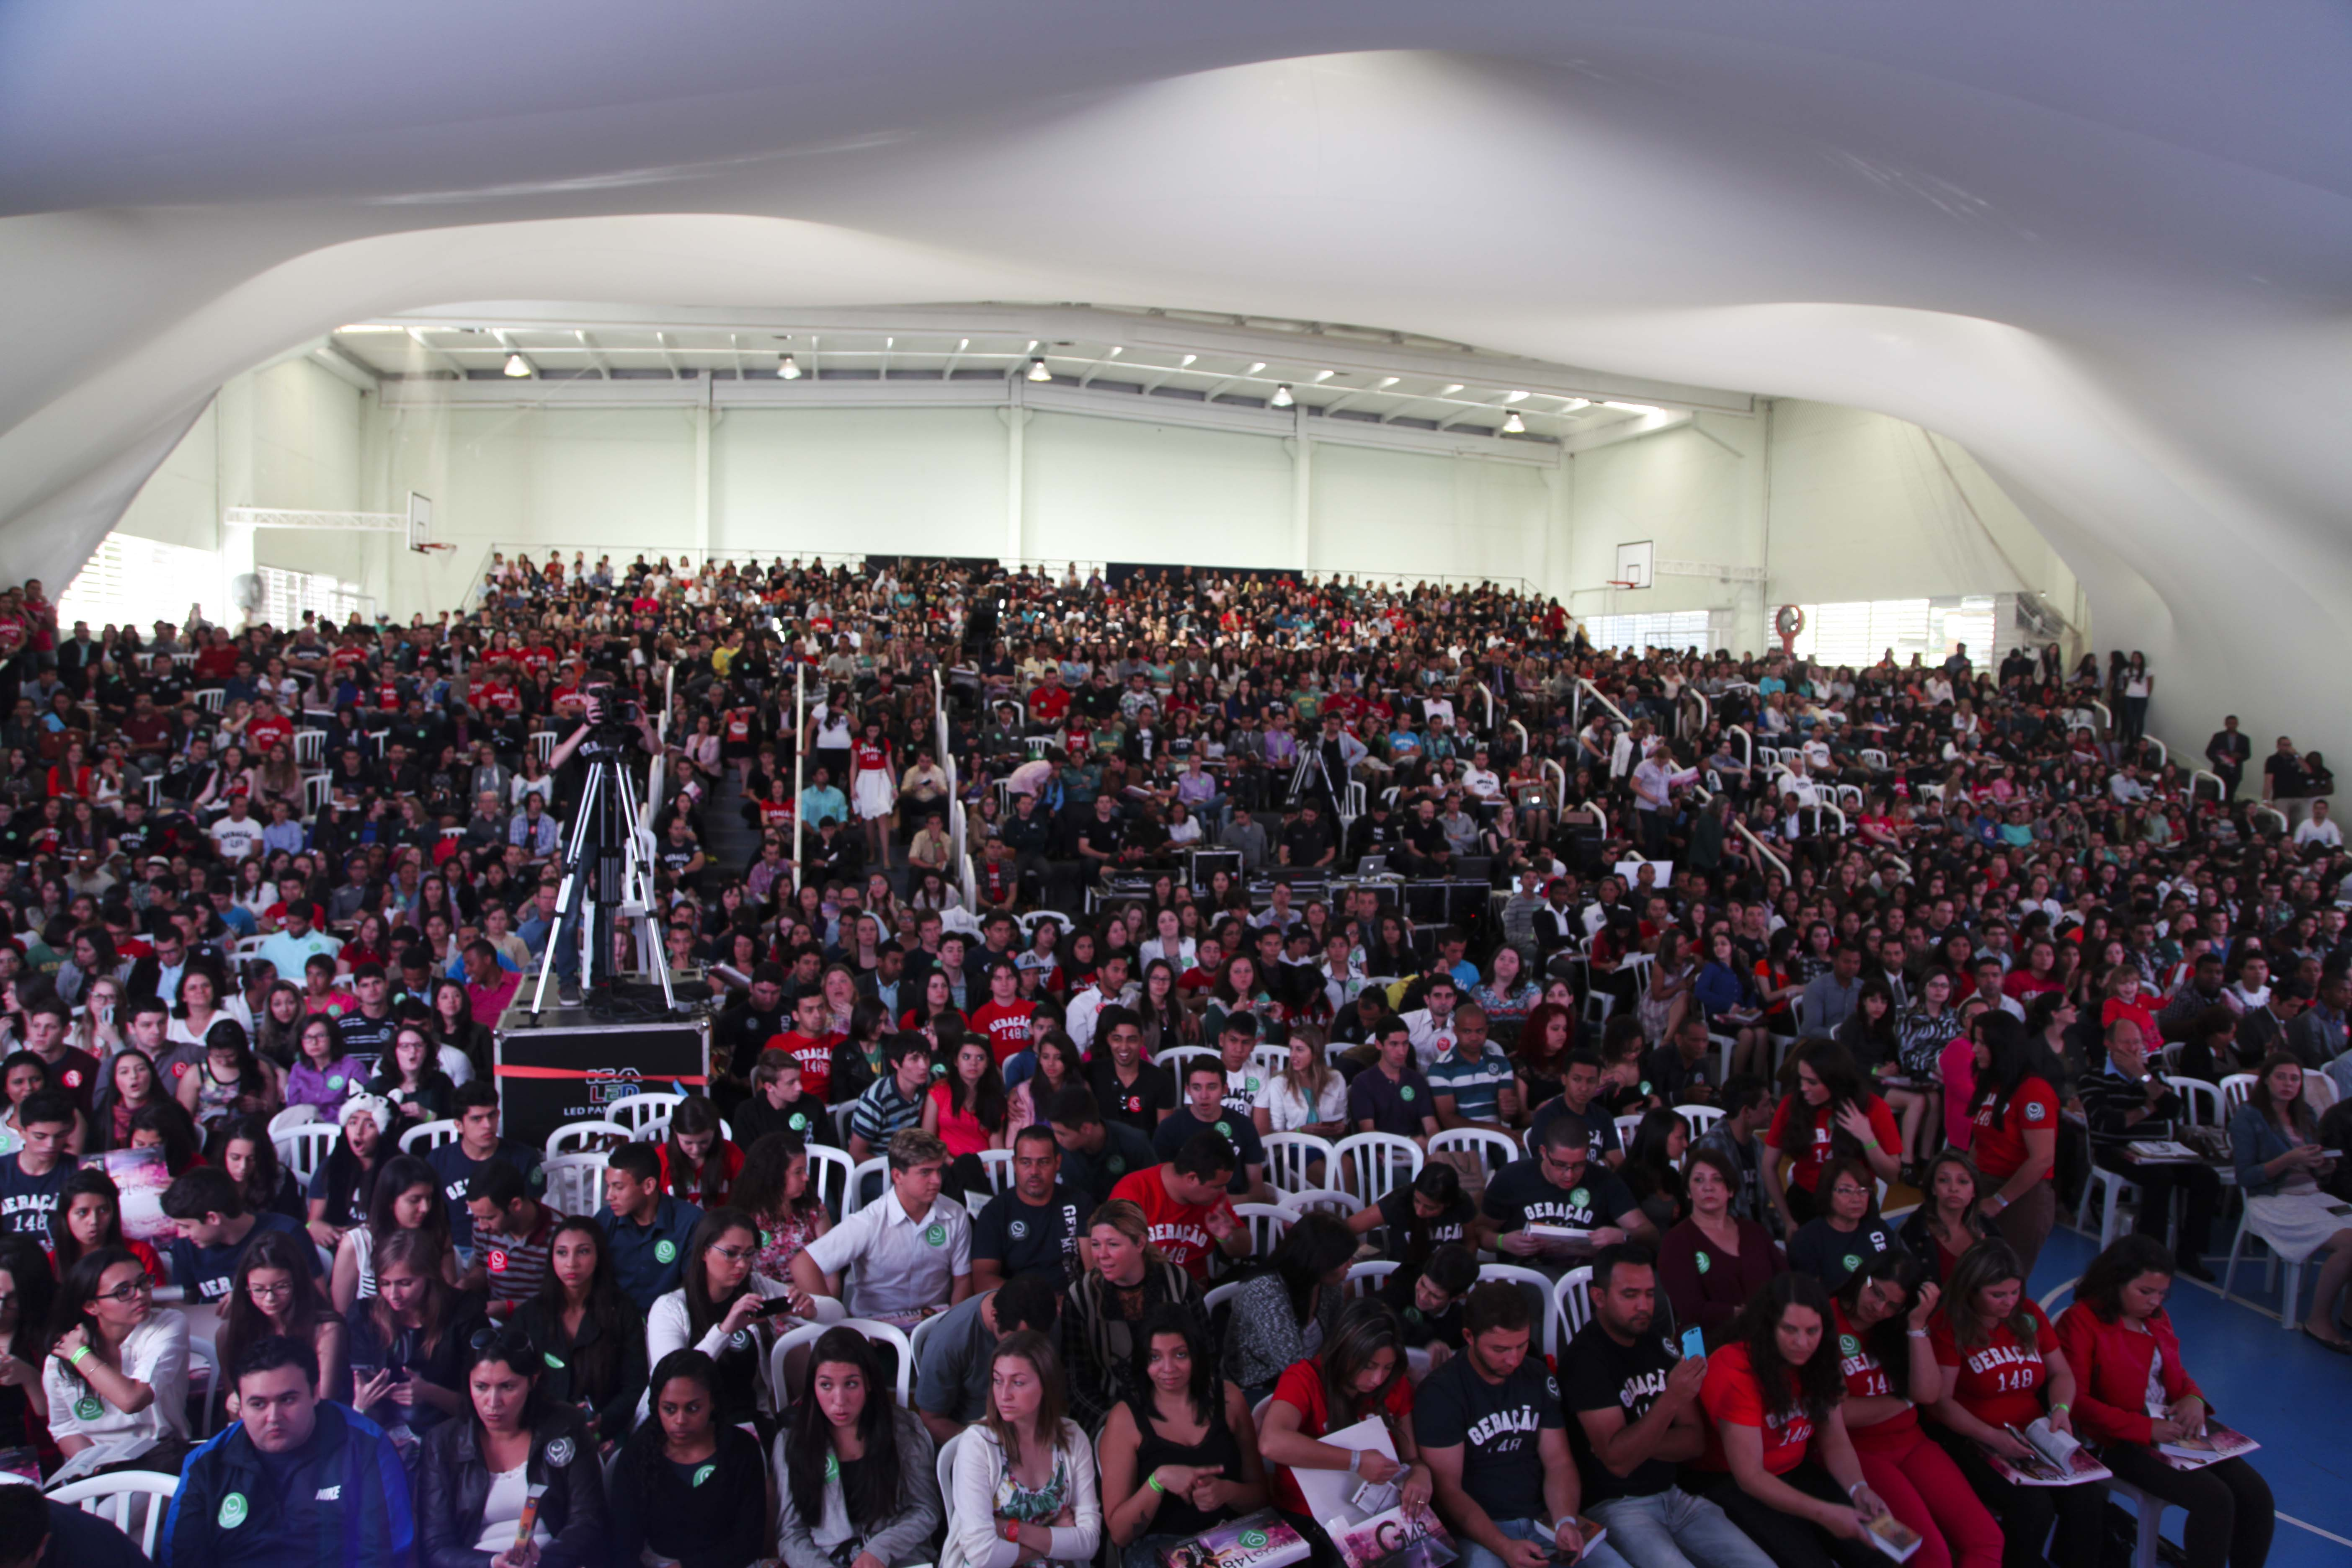 Mais de 2 mil pessoas estiveram reunidas na programação que durou 10 horas